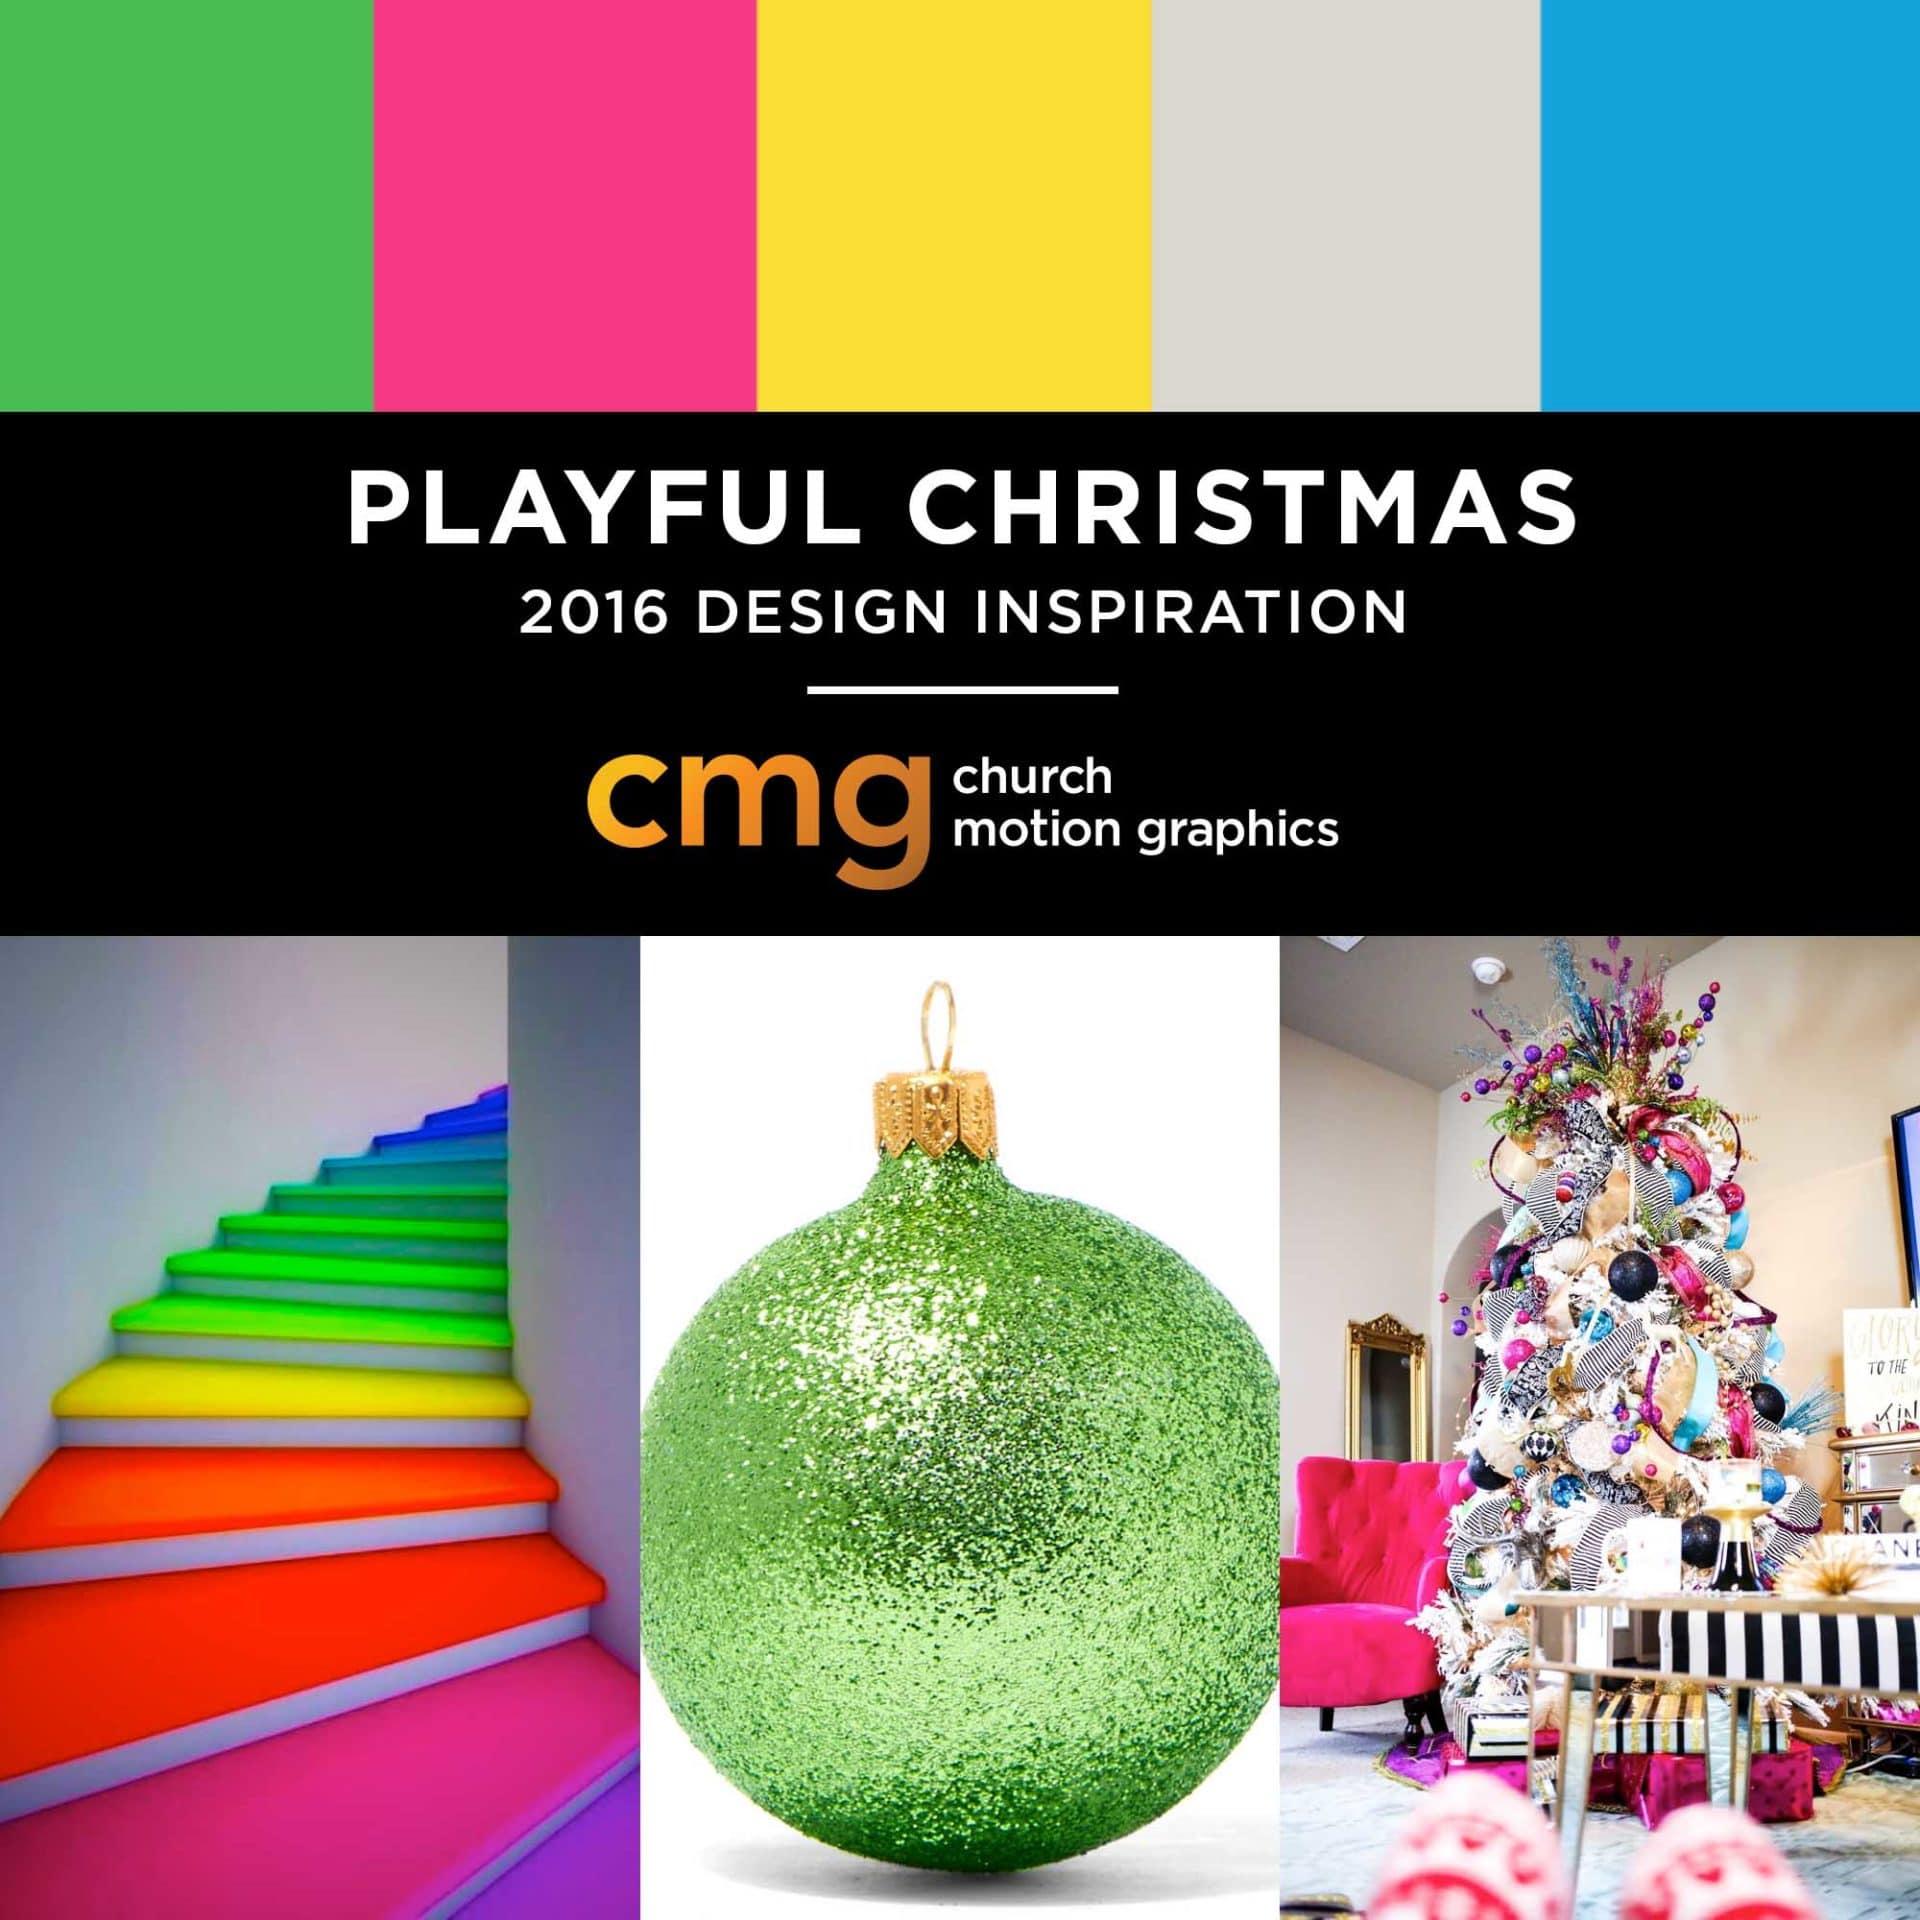 Playful Christmas